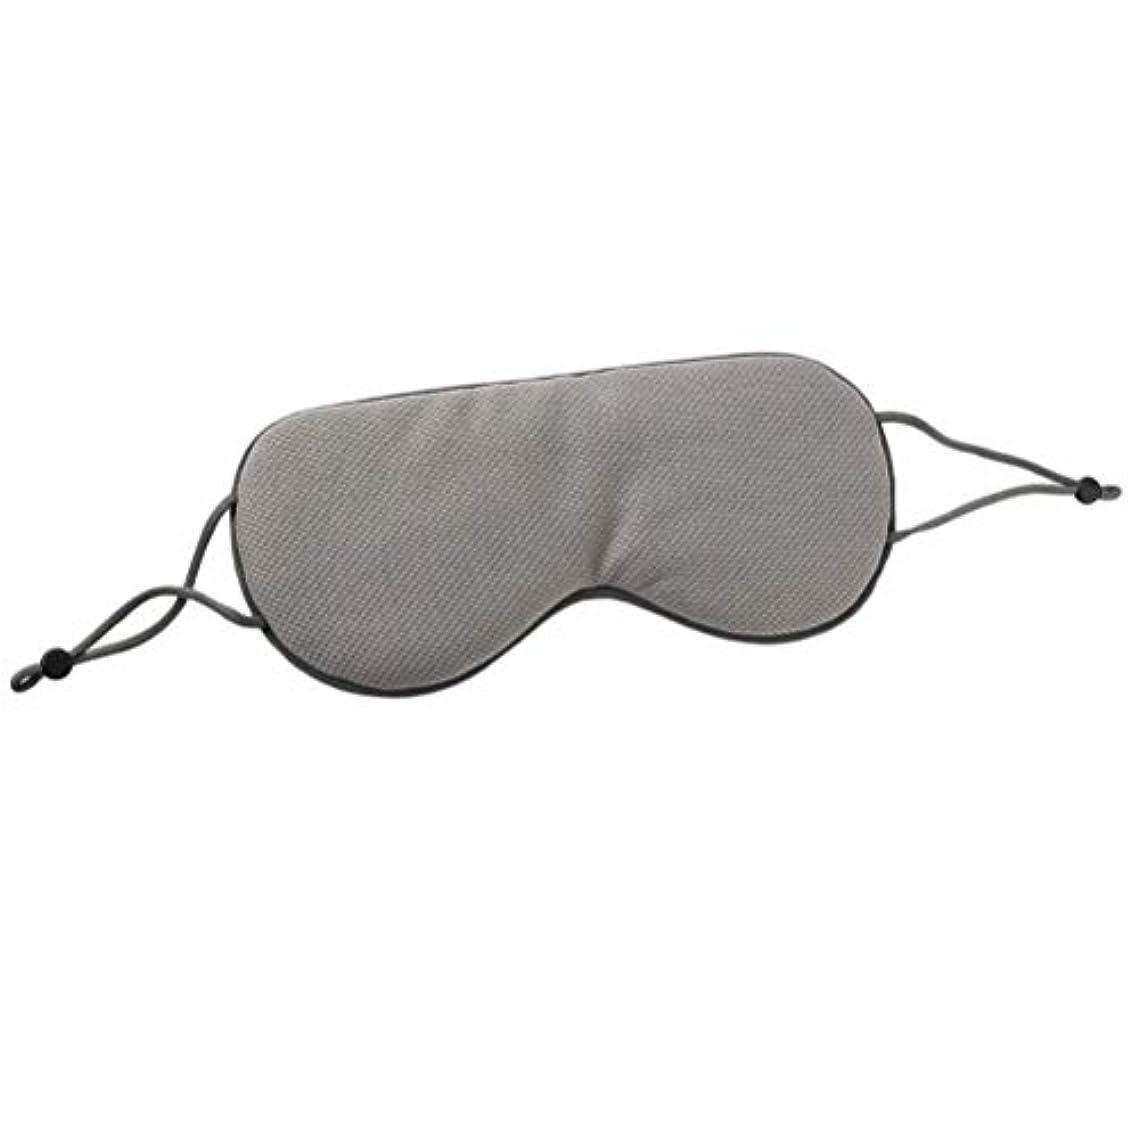 アピール未使用地味なHEALLILY 睡眠アイマスク目隠しホットとコールドデュアルユーススリープマスクカバー